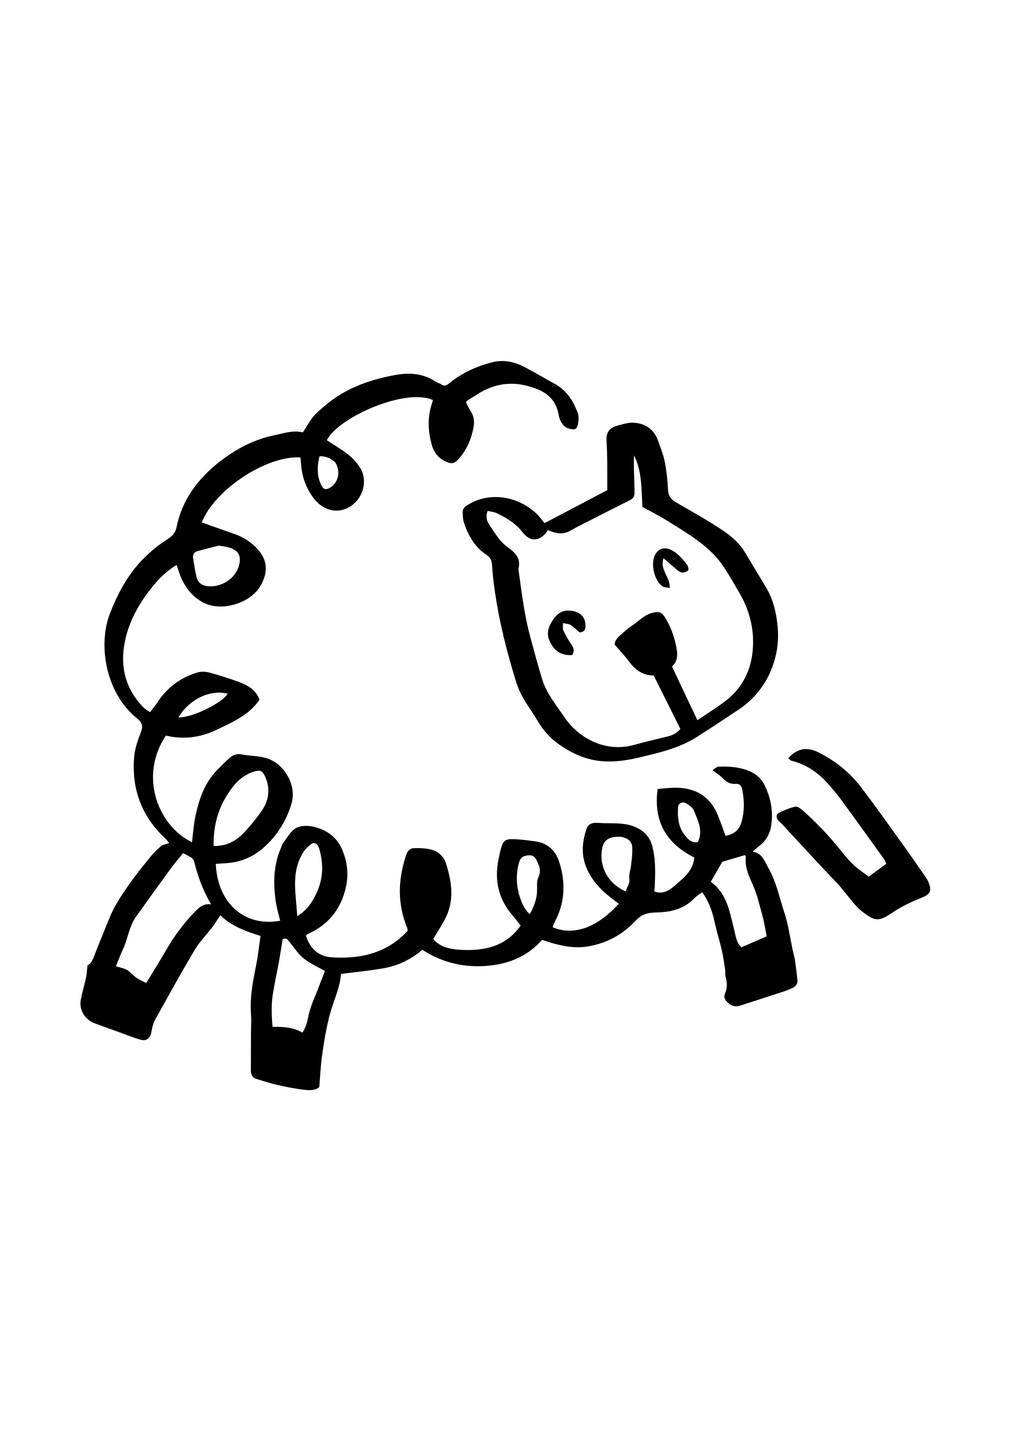 卡通动物绵羊简笔画下载 卡通动物绵羊简笔画图片素材其他格式模板